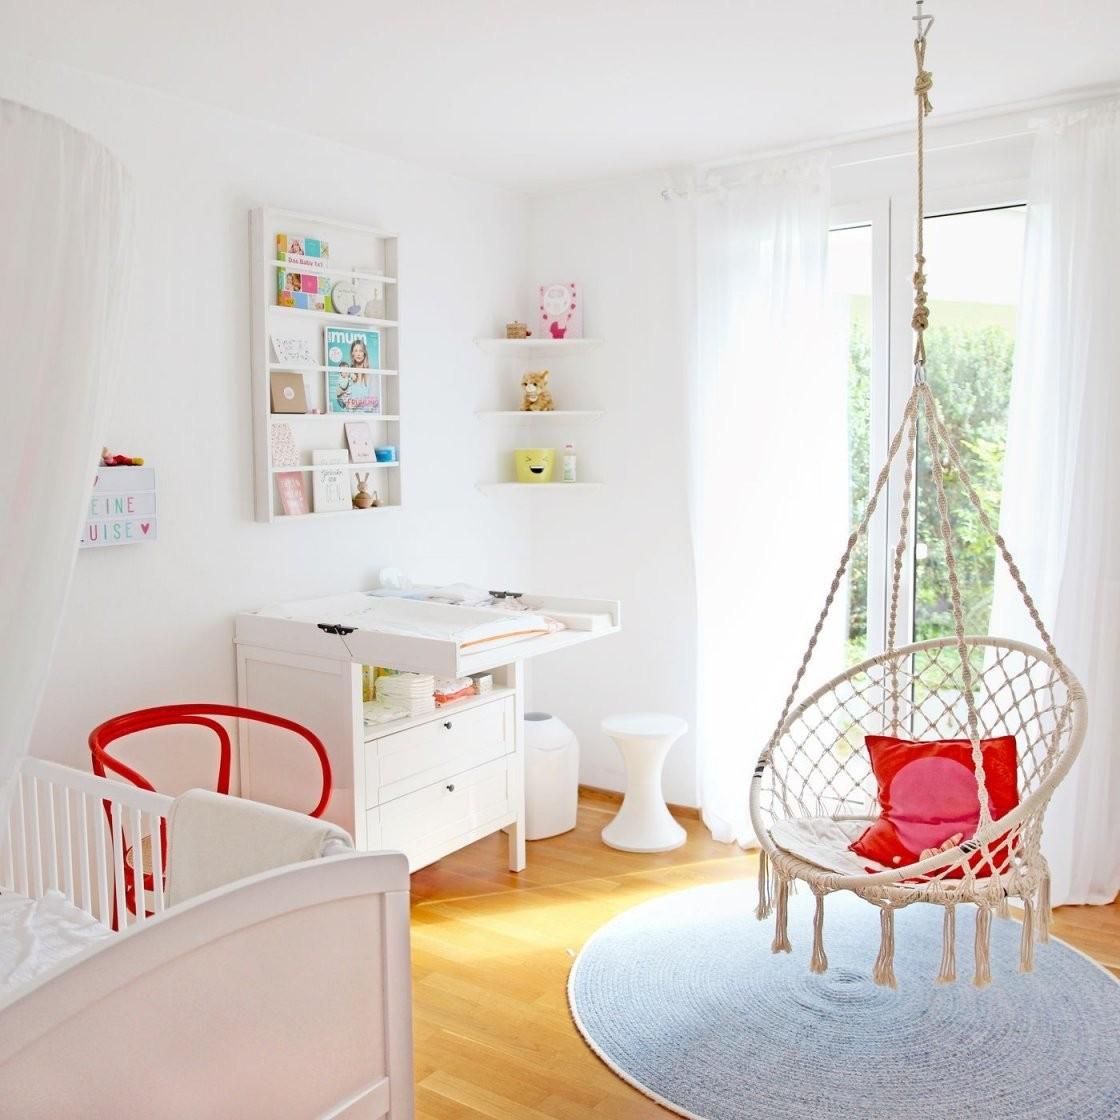 Die Schönsten Ideen Für Dein Ikea Kinderzimmer von Kleines Kinderzimmer Einrichten Ikea Bild